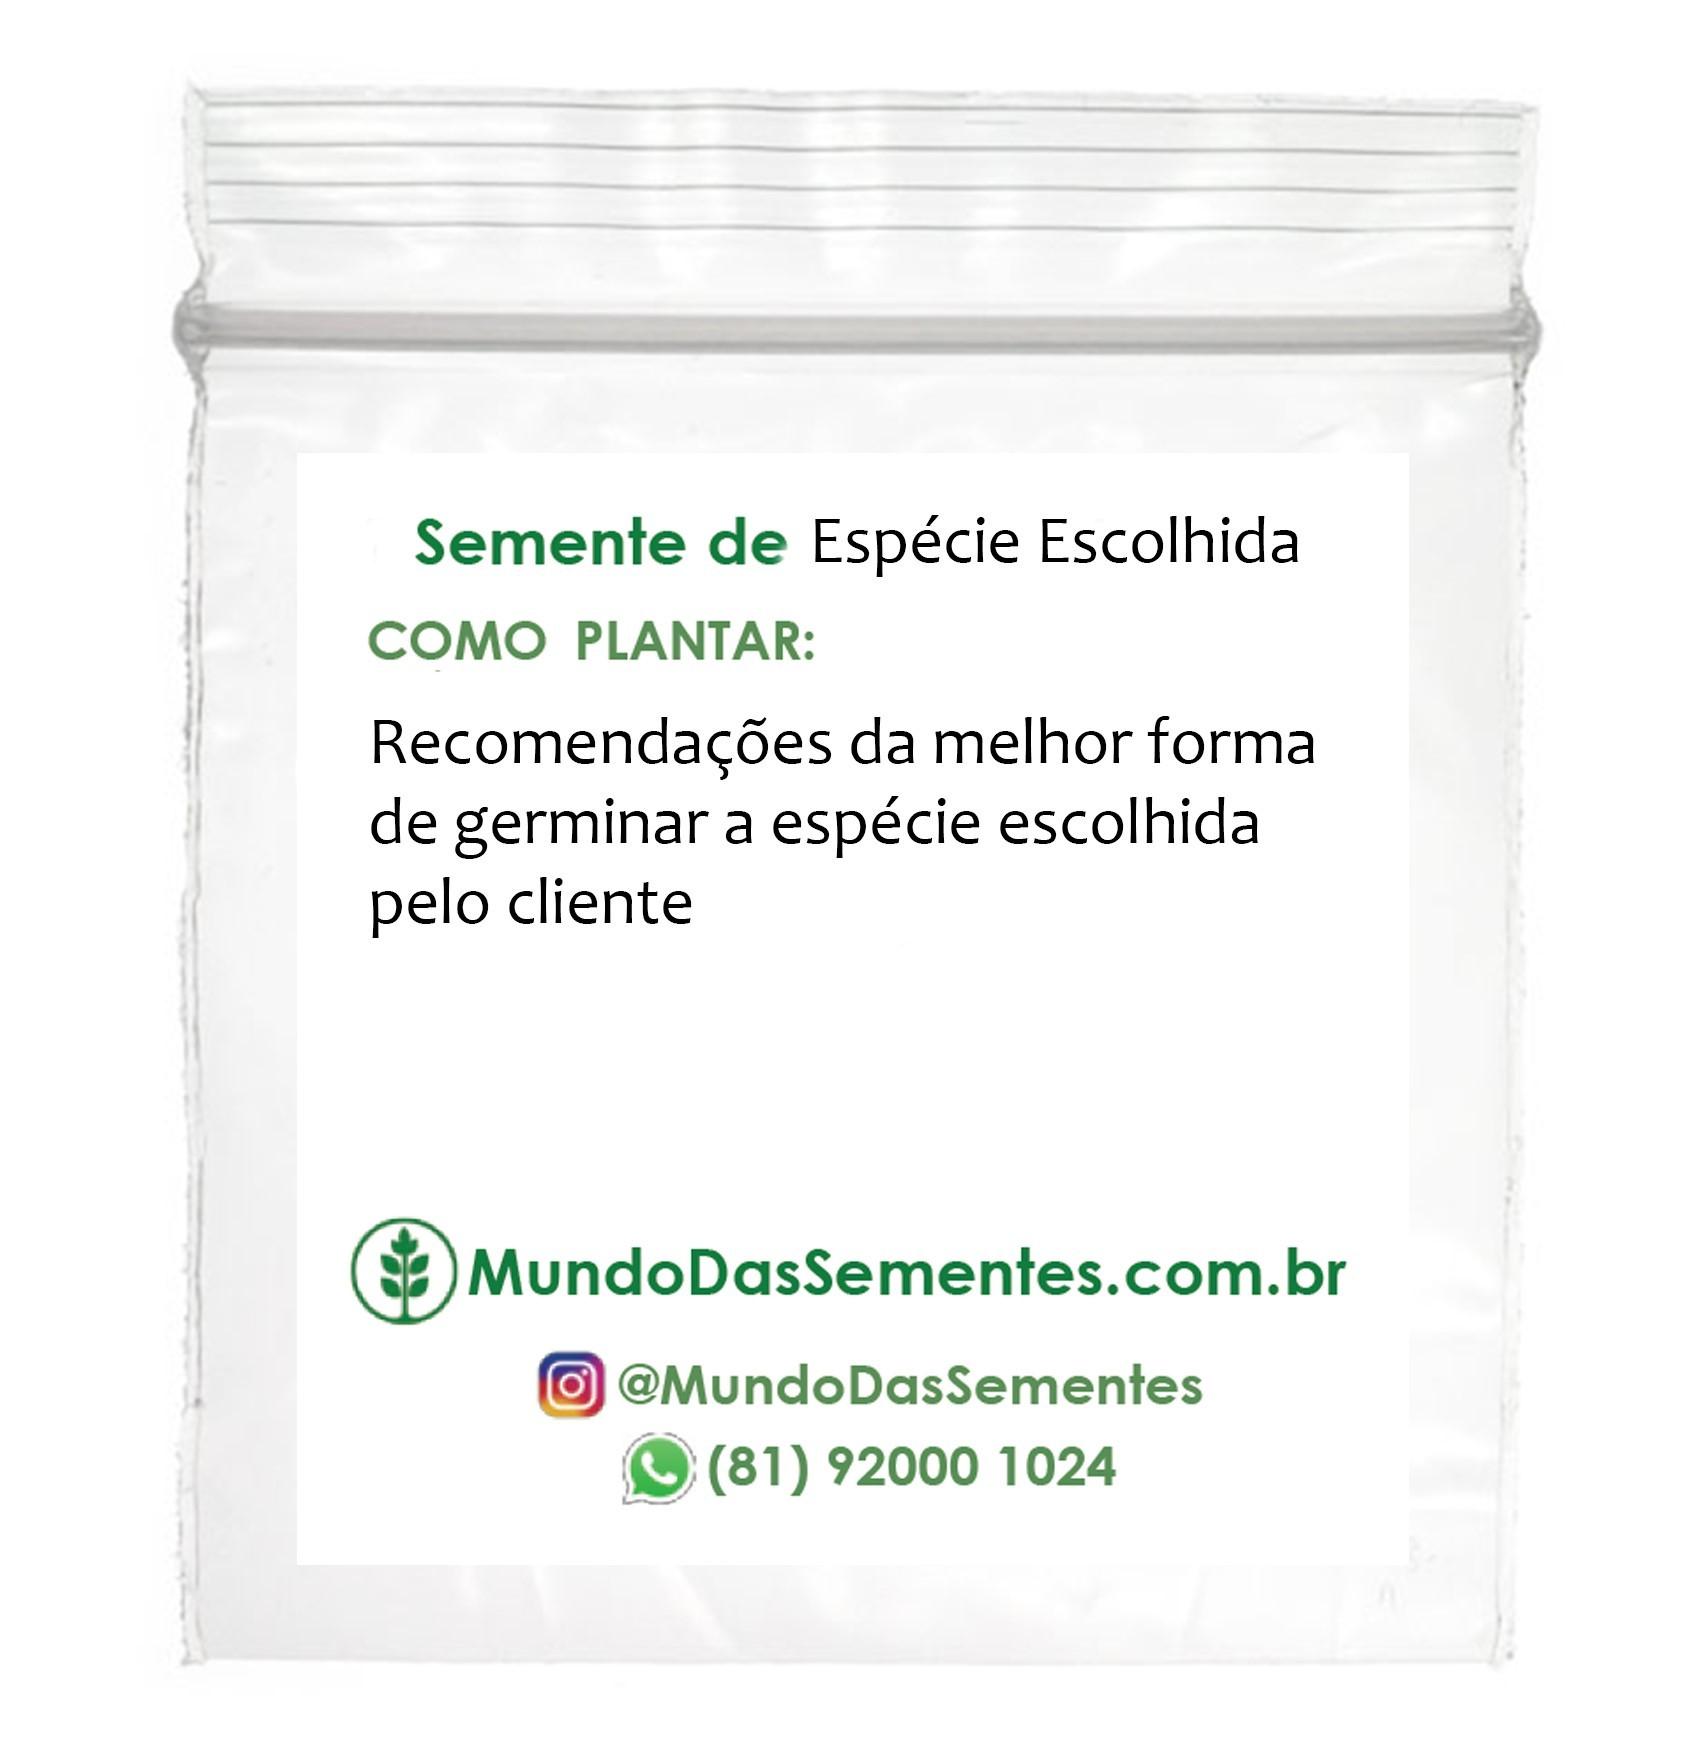 50 Brindes Ecológicos com Sementes – Ziplock 4x4cm com Etiqueta Personalizada - Mundo das Sementes